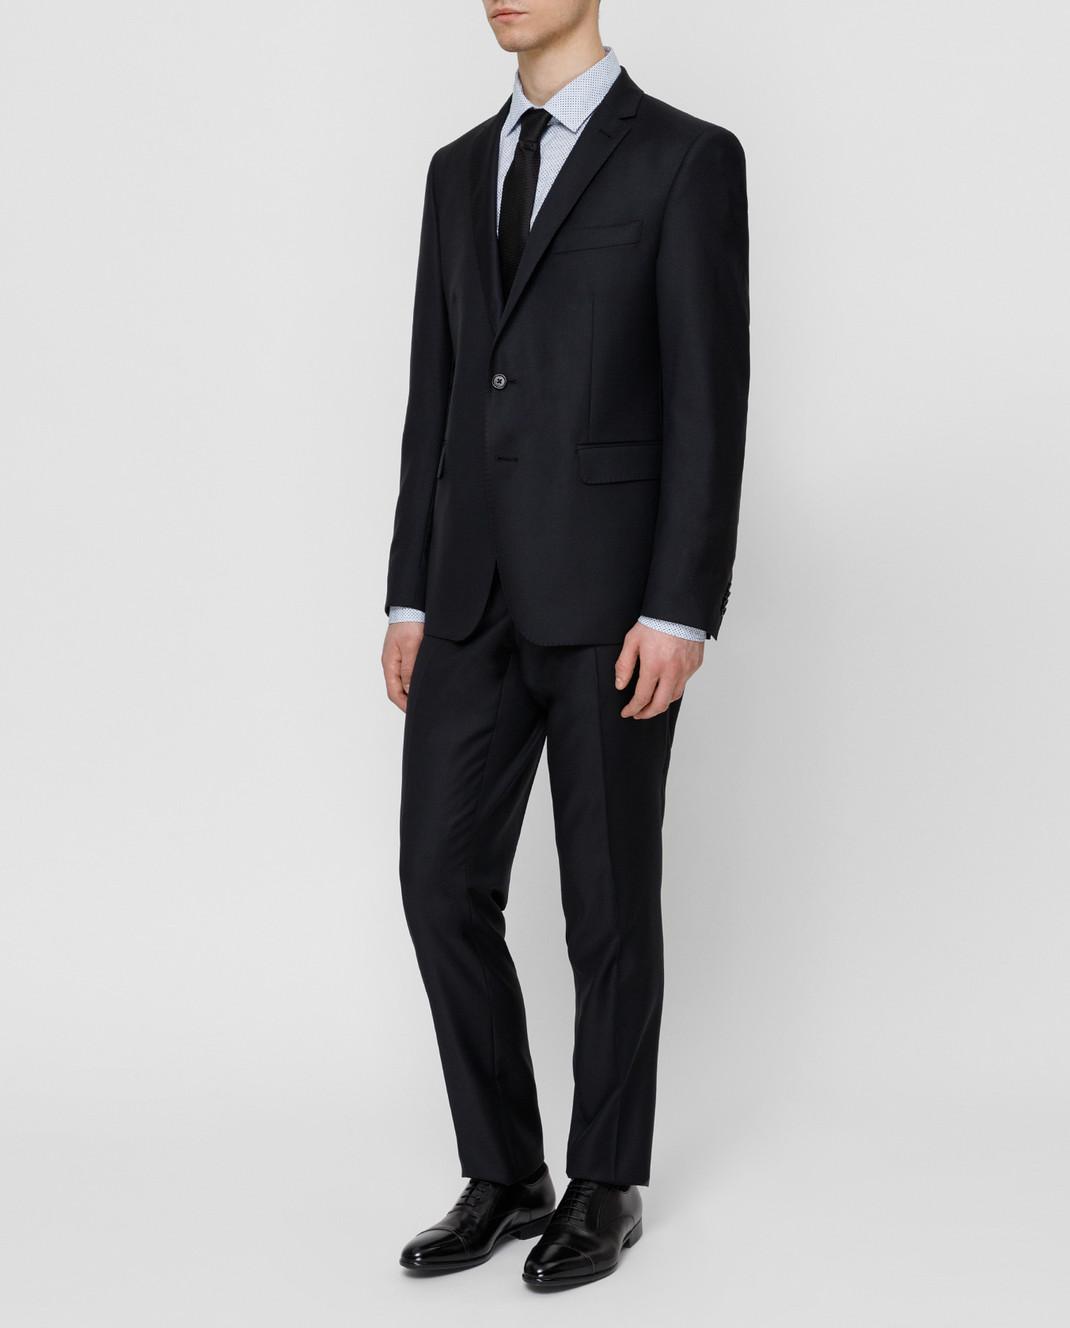 Fradi Темно-синий костюм 192AJ8005874 изображение 3